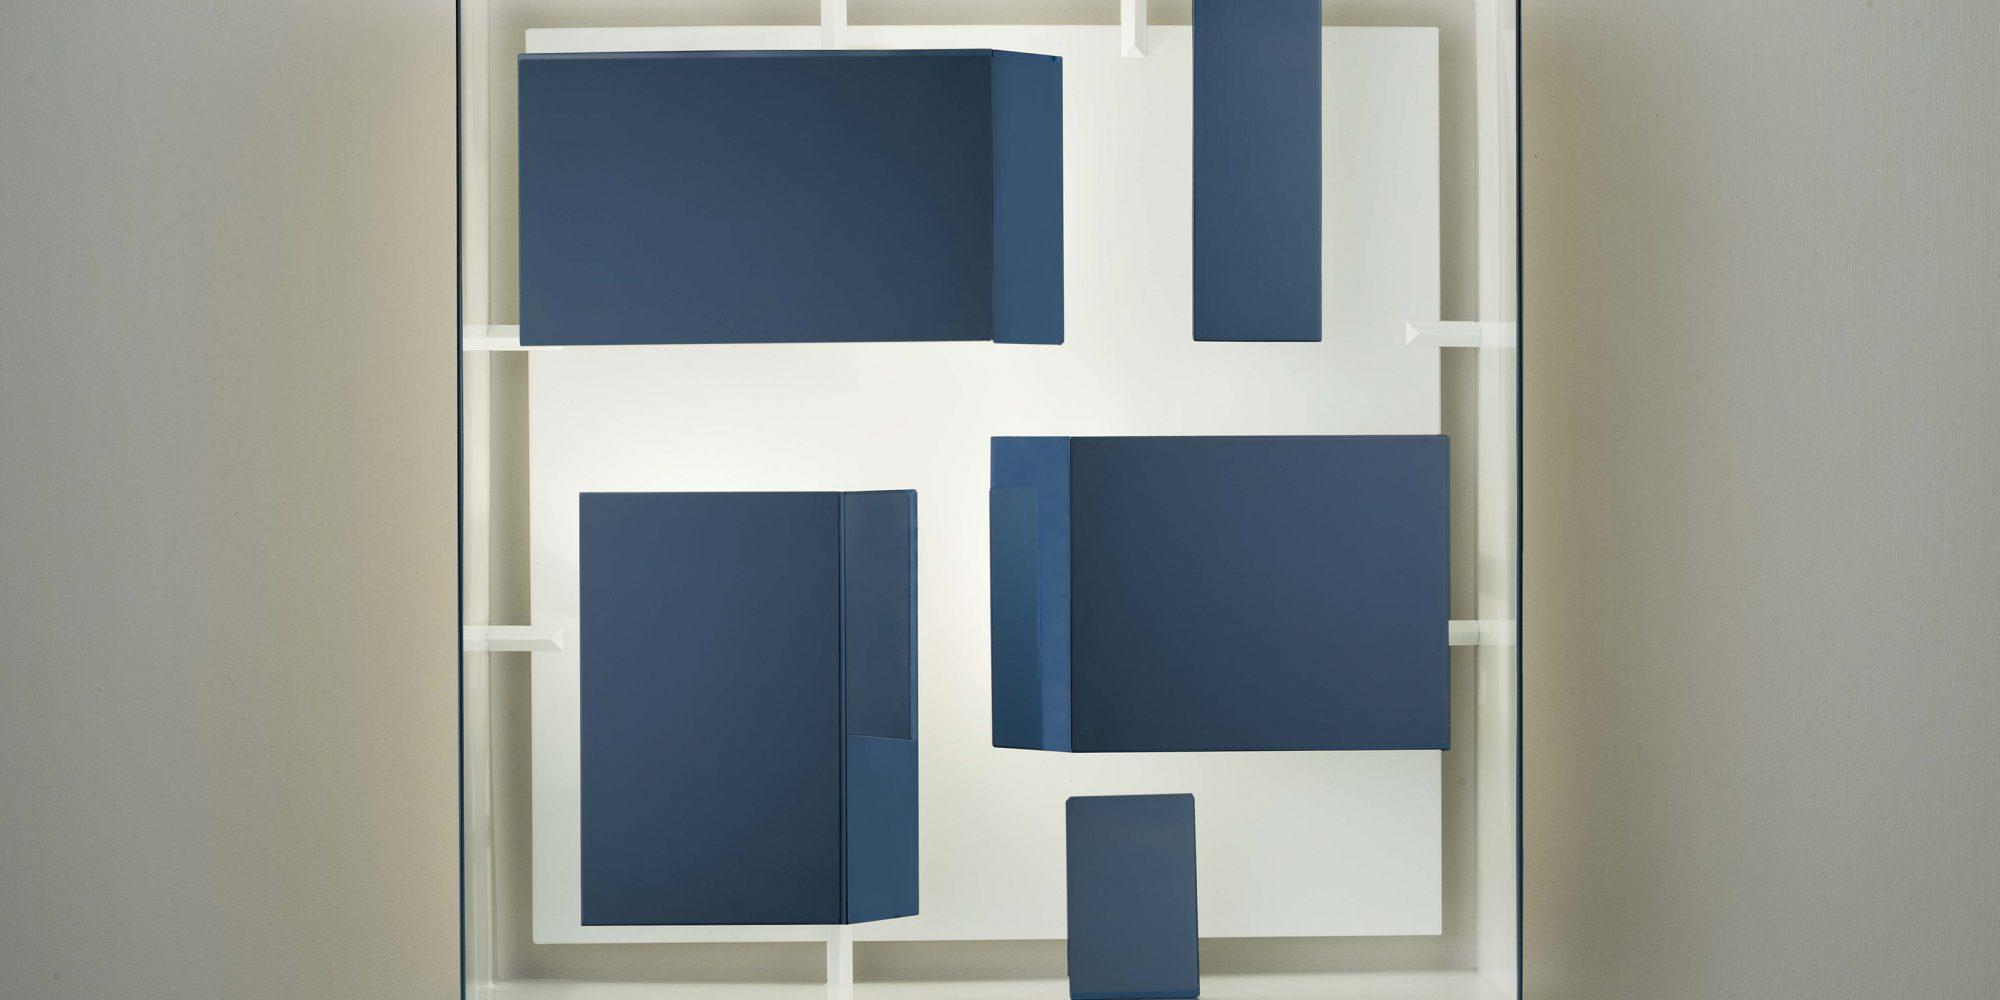 Gio Ponti Quadro di Luce quadrato blu Limited Edition 2012-2017